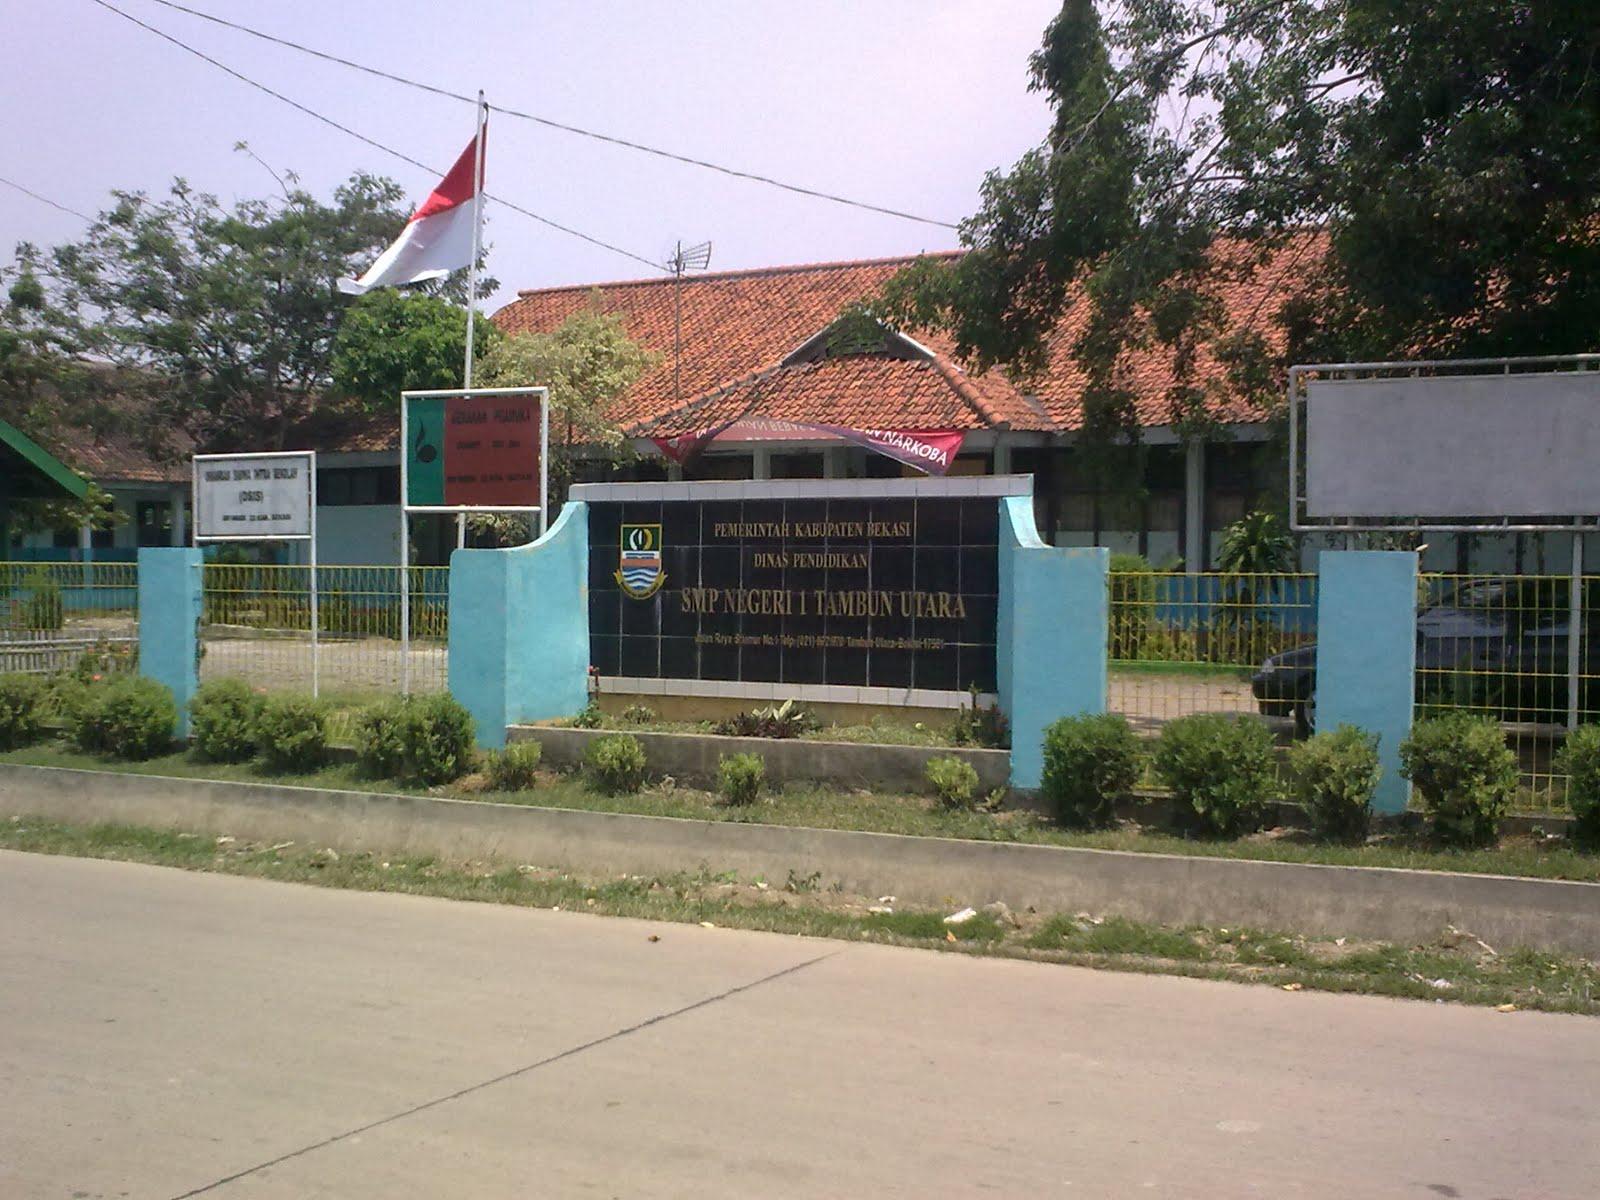 tambun adalah smp yang pertama berdiri di wilayah kecamatan tambun